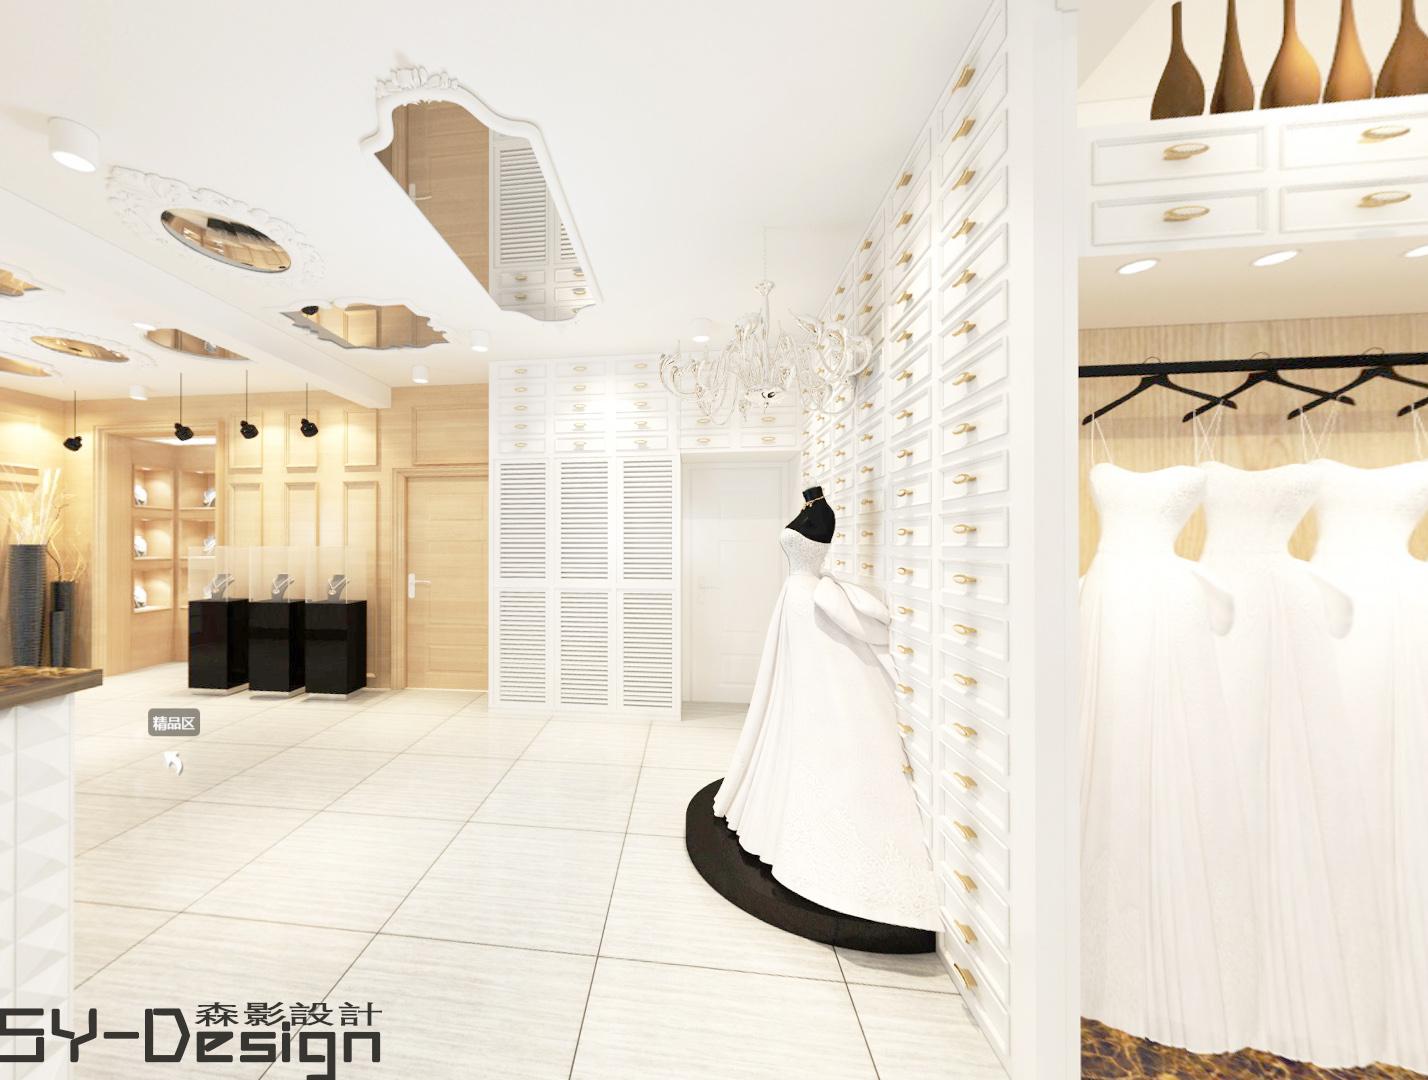 影楼装修设计 影楼空间设计 儿童影楼装修设计 儿童影楼空间设计